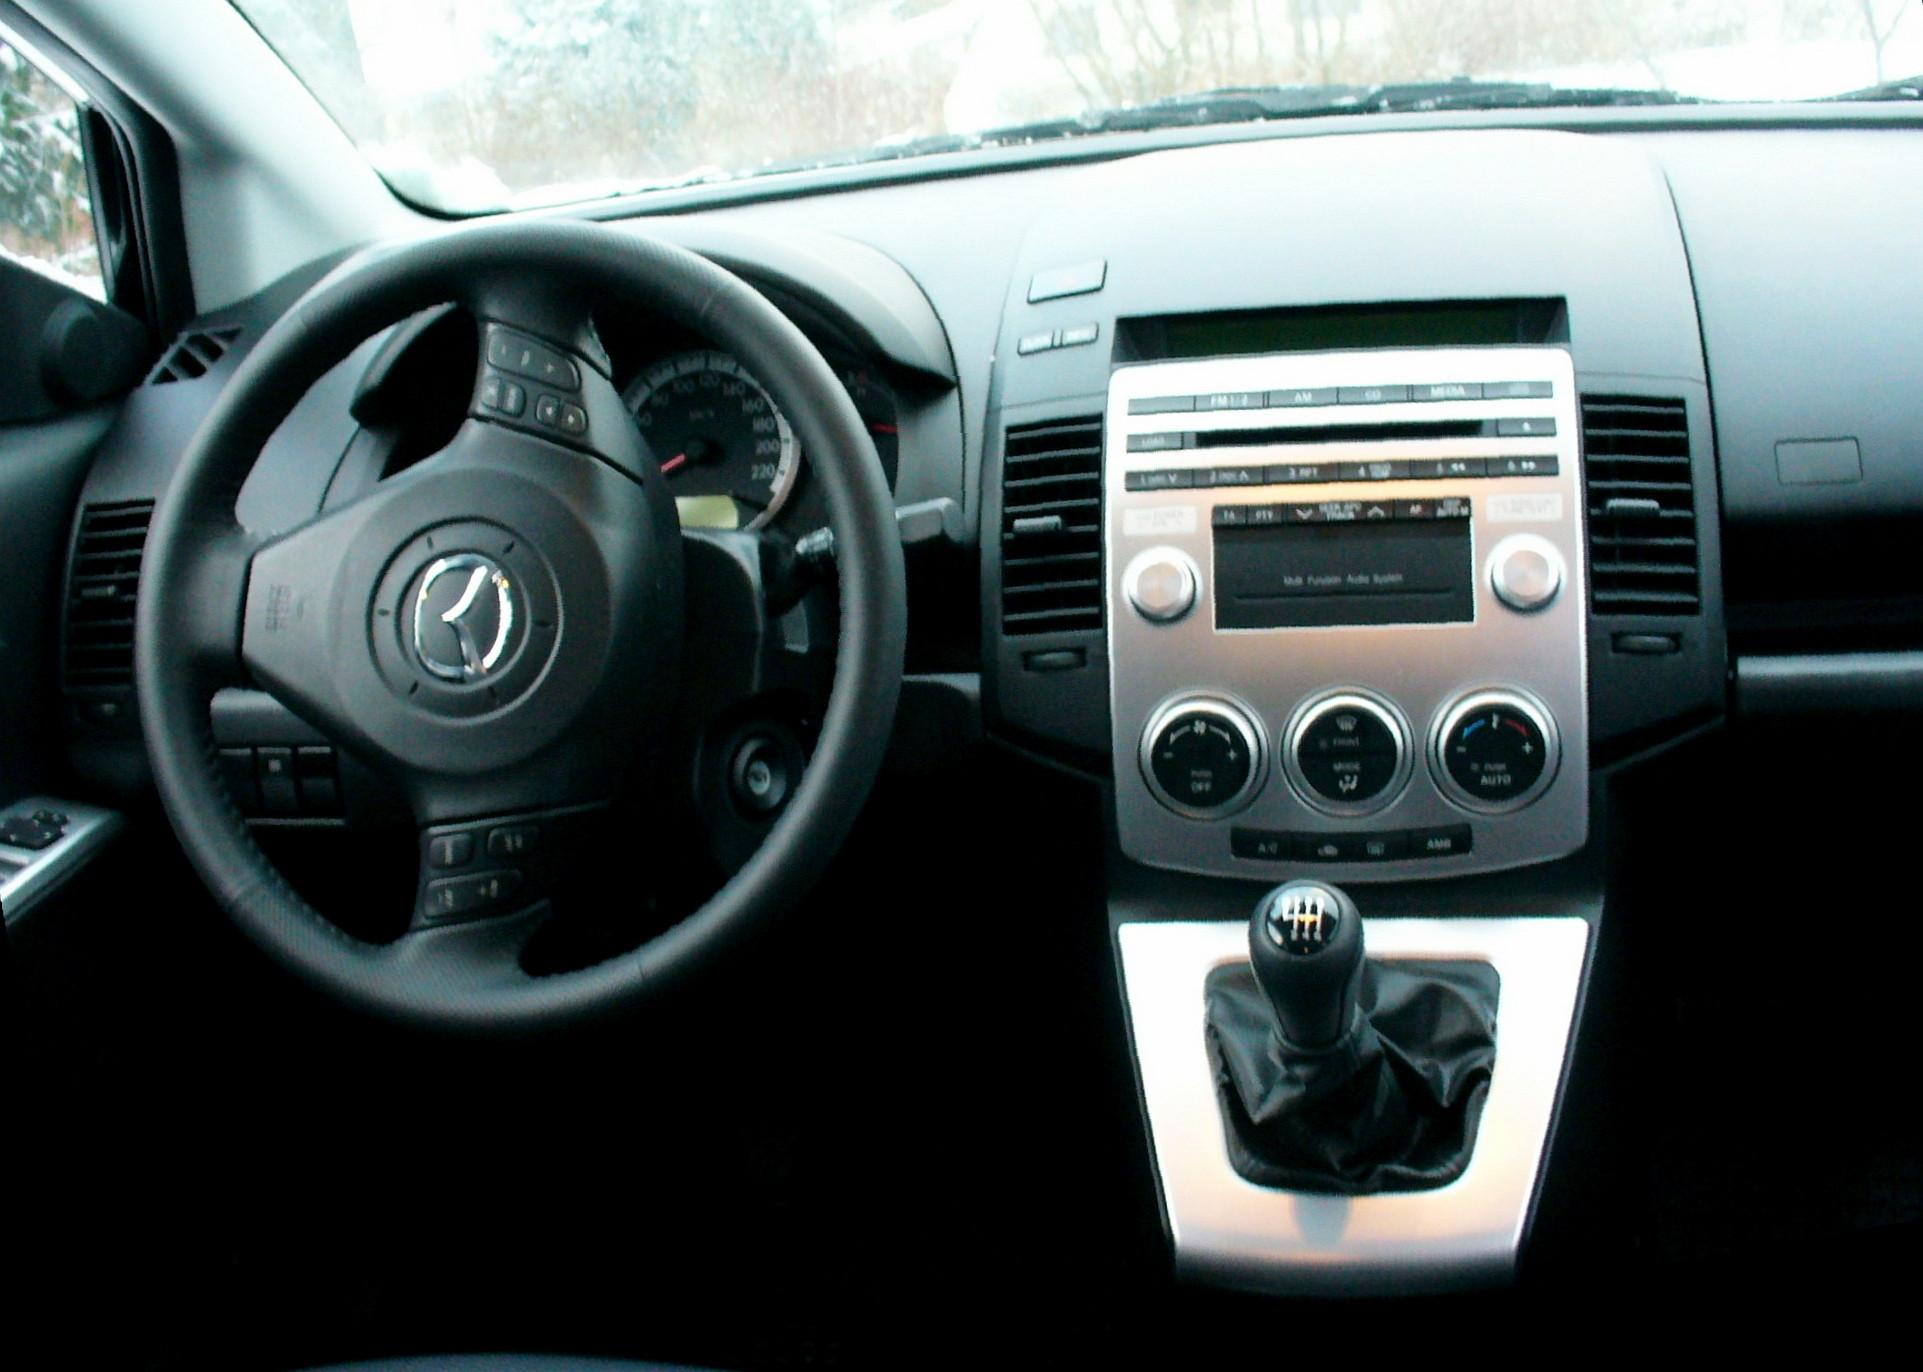 Mazda 2010 5 Owner s Manual